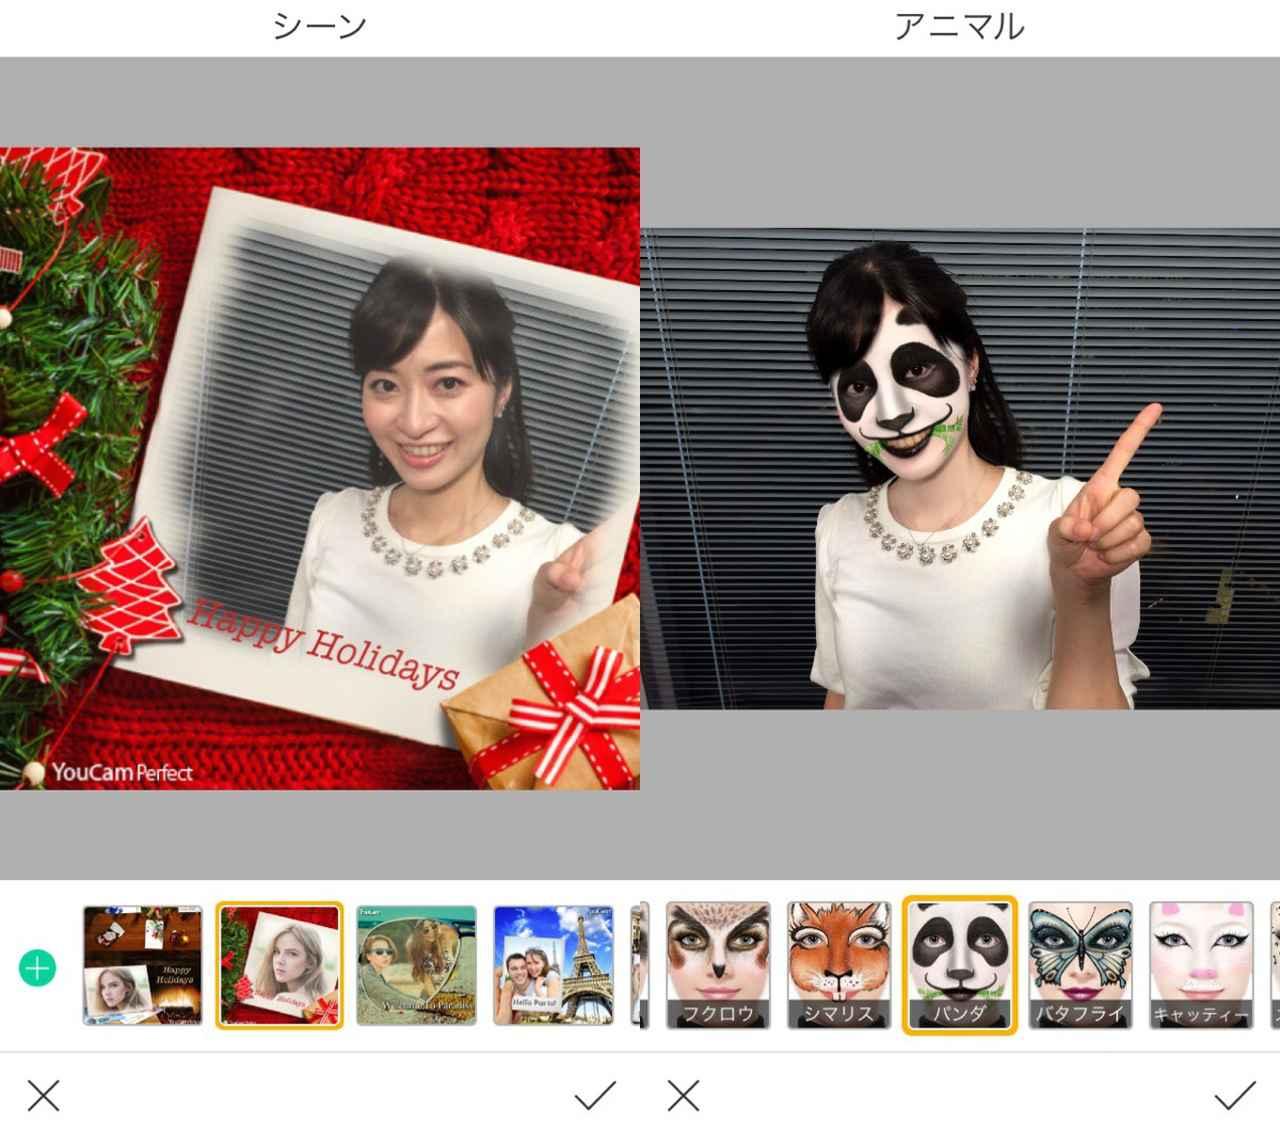 画像: 読み込んだ写真で遊べる機能もあります。